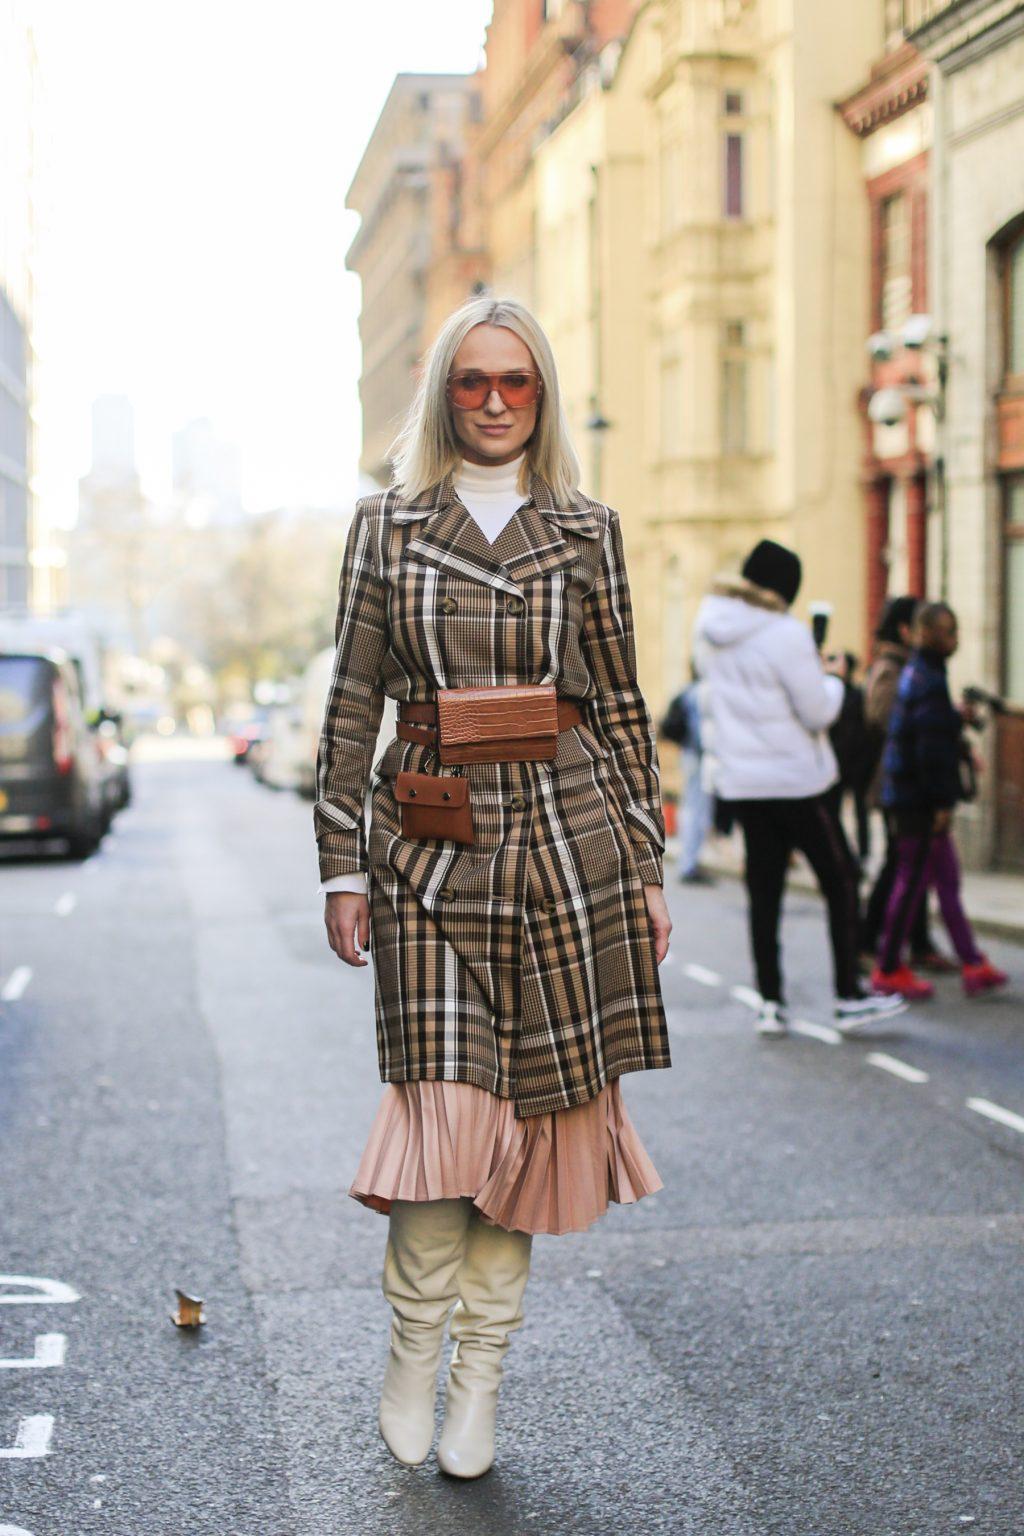 """xu hướng thời trang đường phố hứa hẹn sẽ """"khuấy động"""" làng mốt 5"""